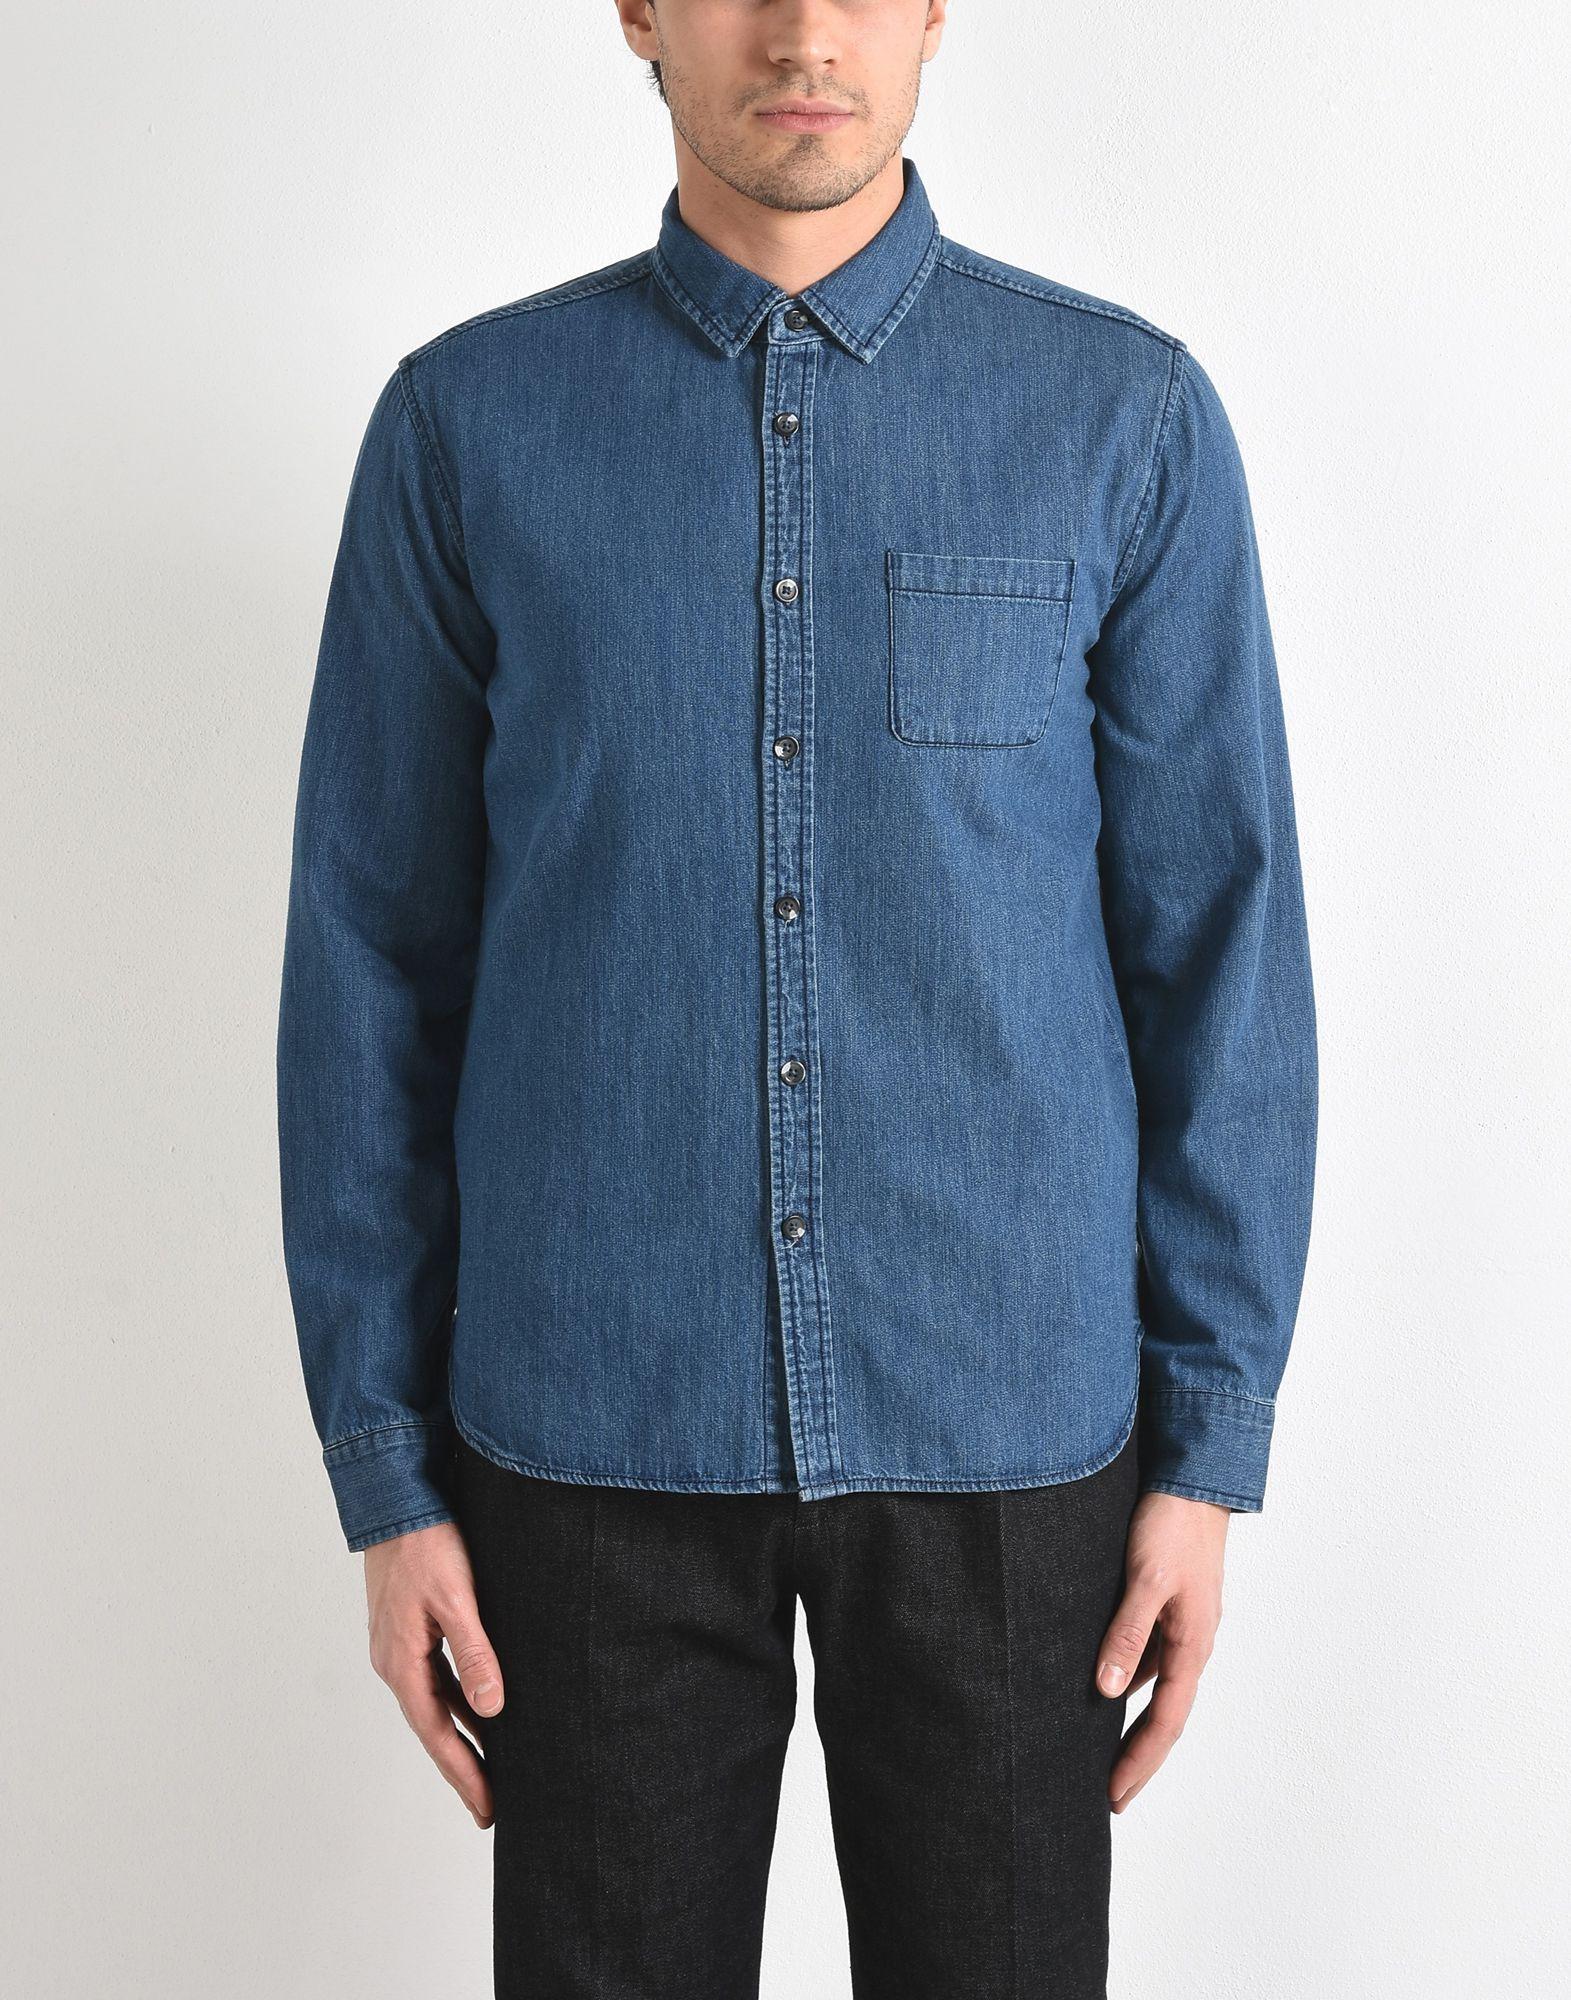 Camicia Jeans 8 Uomo - 42661609WL 42661609WL - 01fcb1